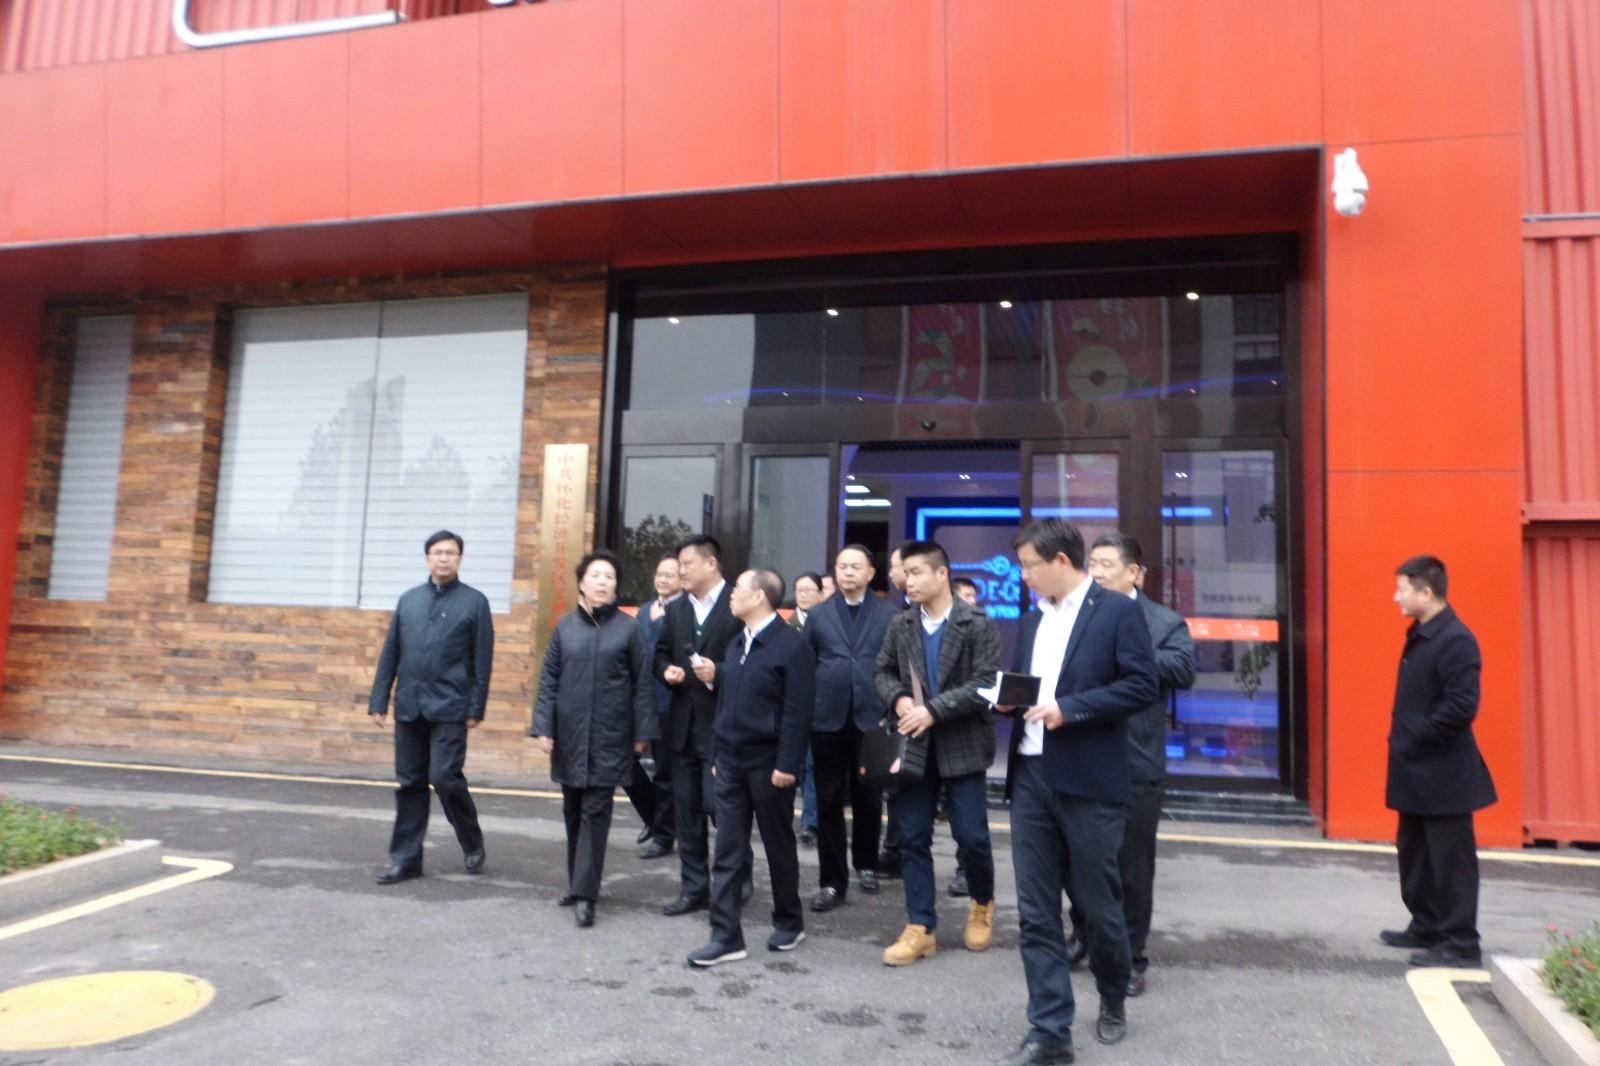 乌兰��n�n�f�k�yg,9f_空降湖南副书记乌兰首站到访怀化